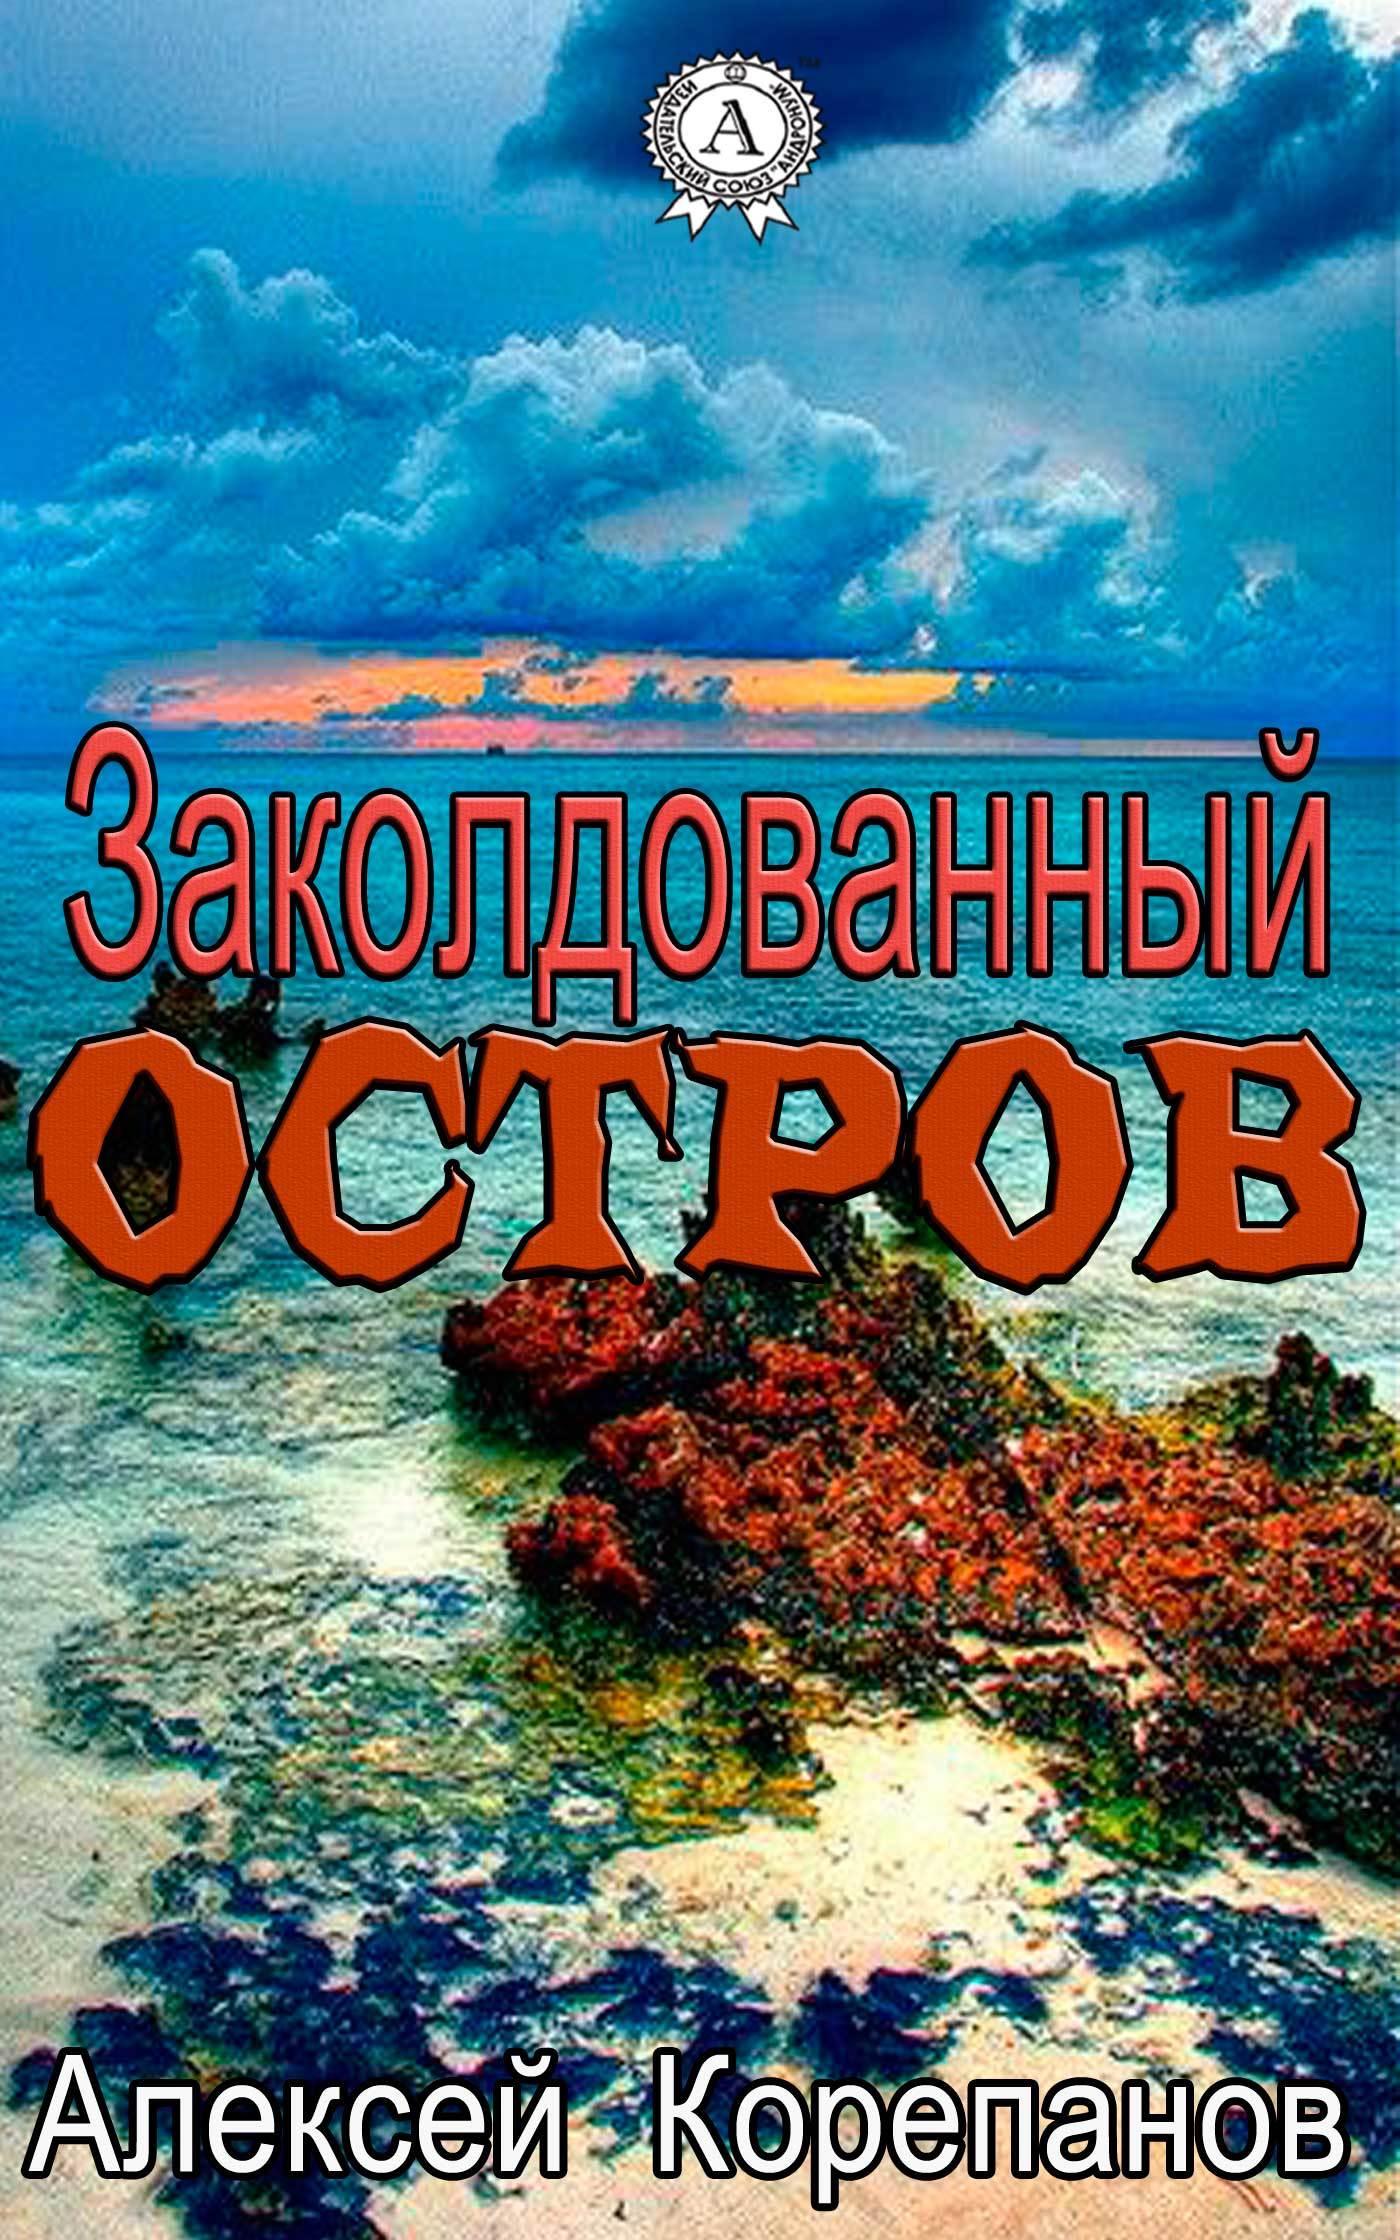 интригующее повествование в книге Алексей Корепанов